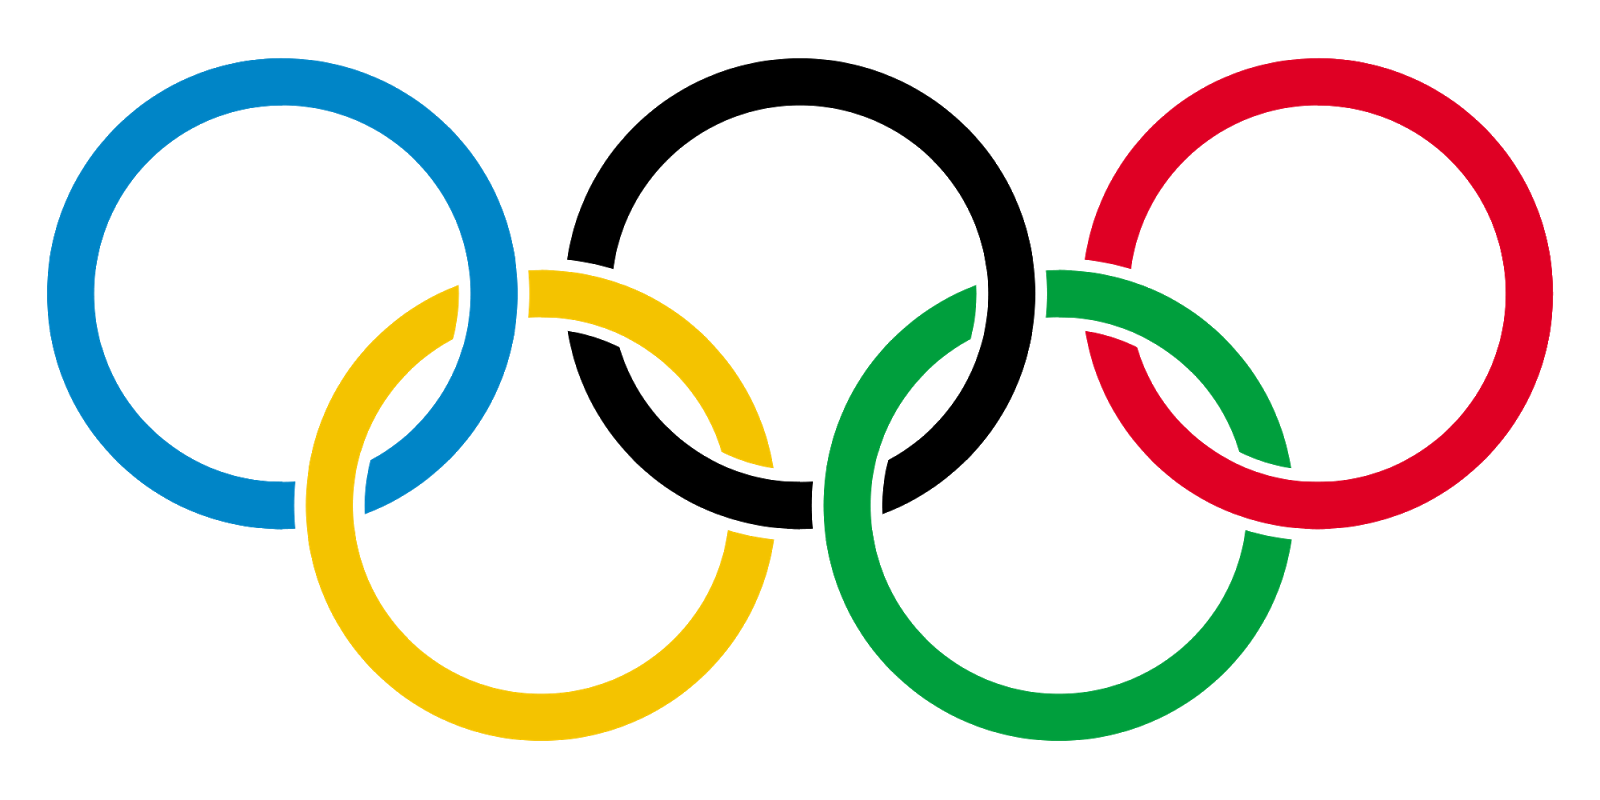 Symbol Logos